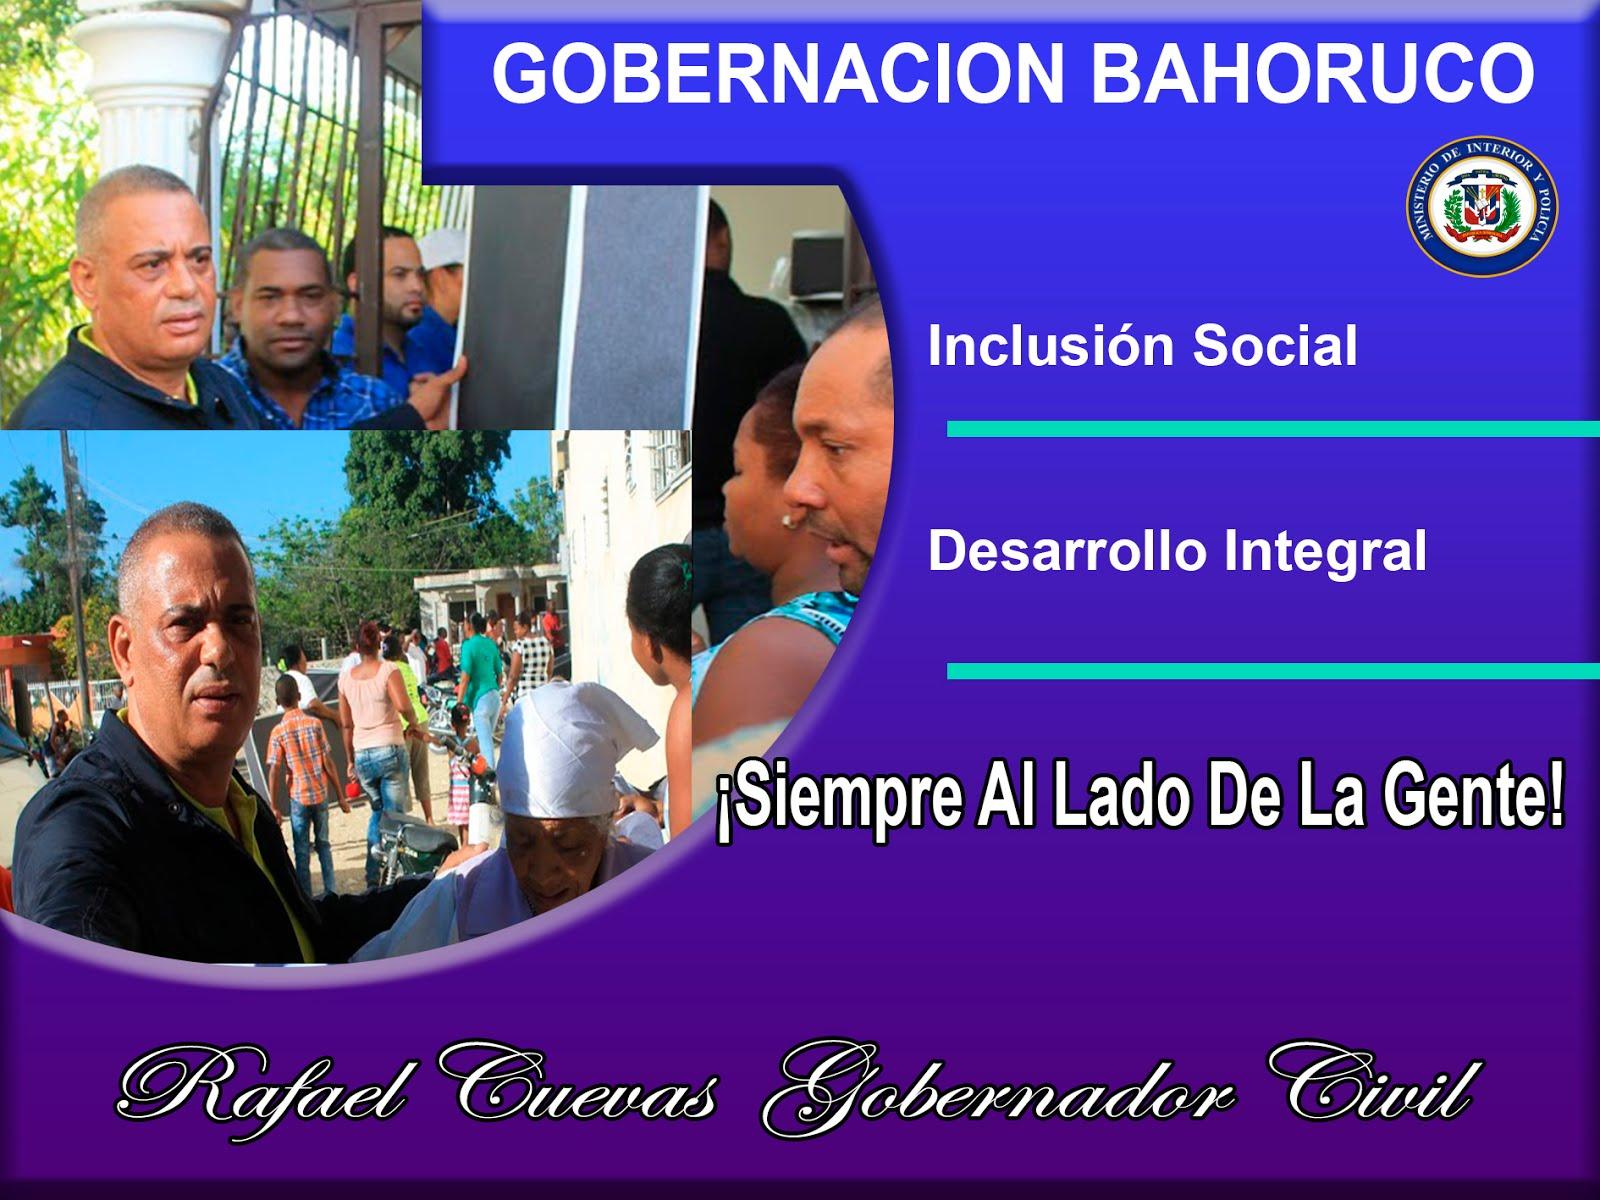 Gobernación Civil de Bahoruco